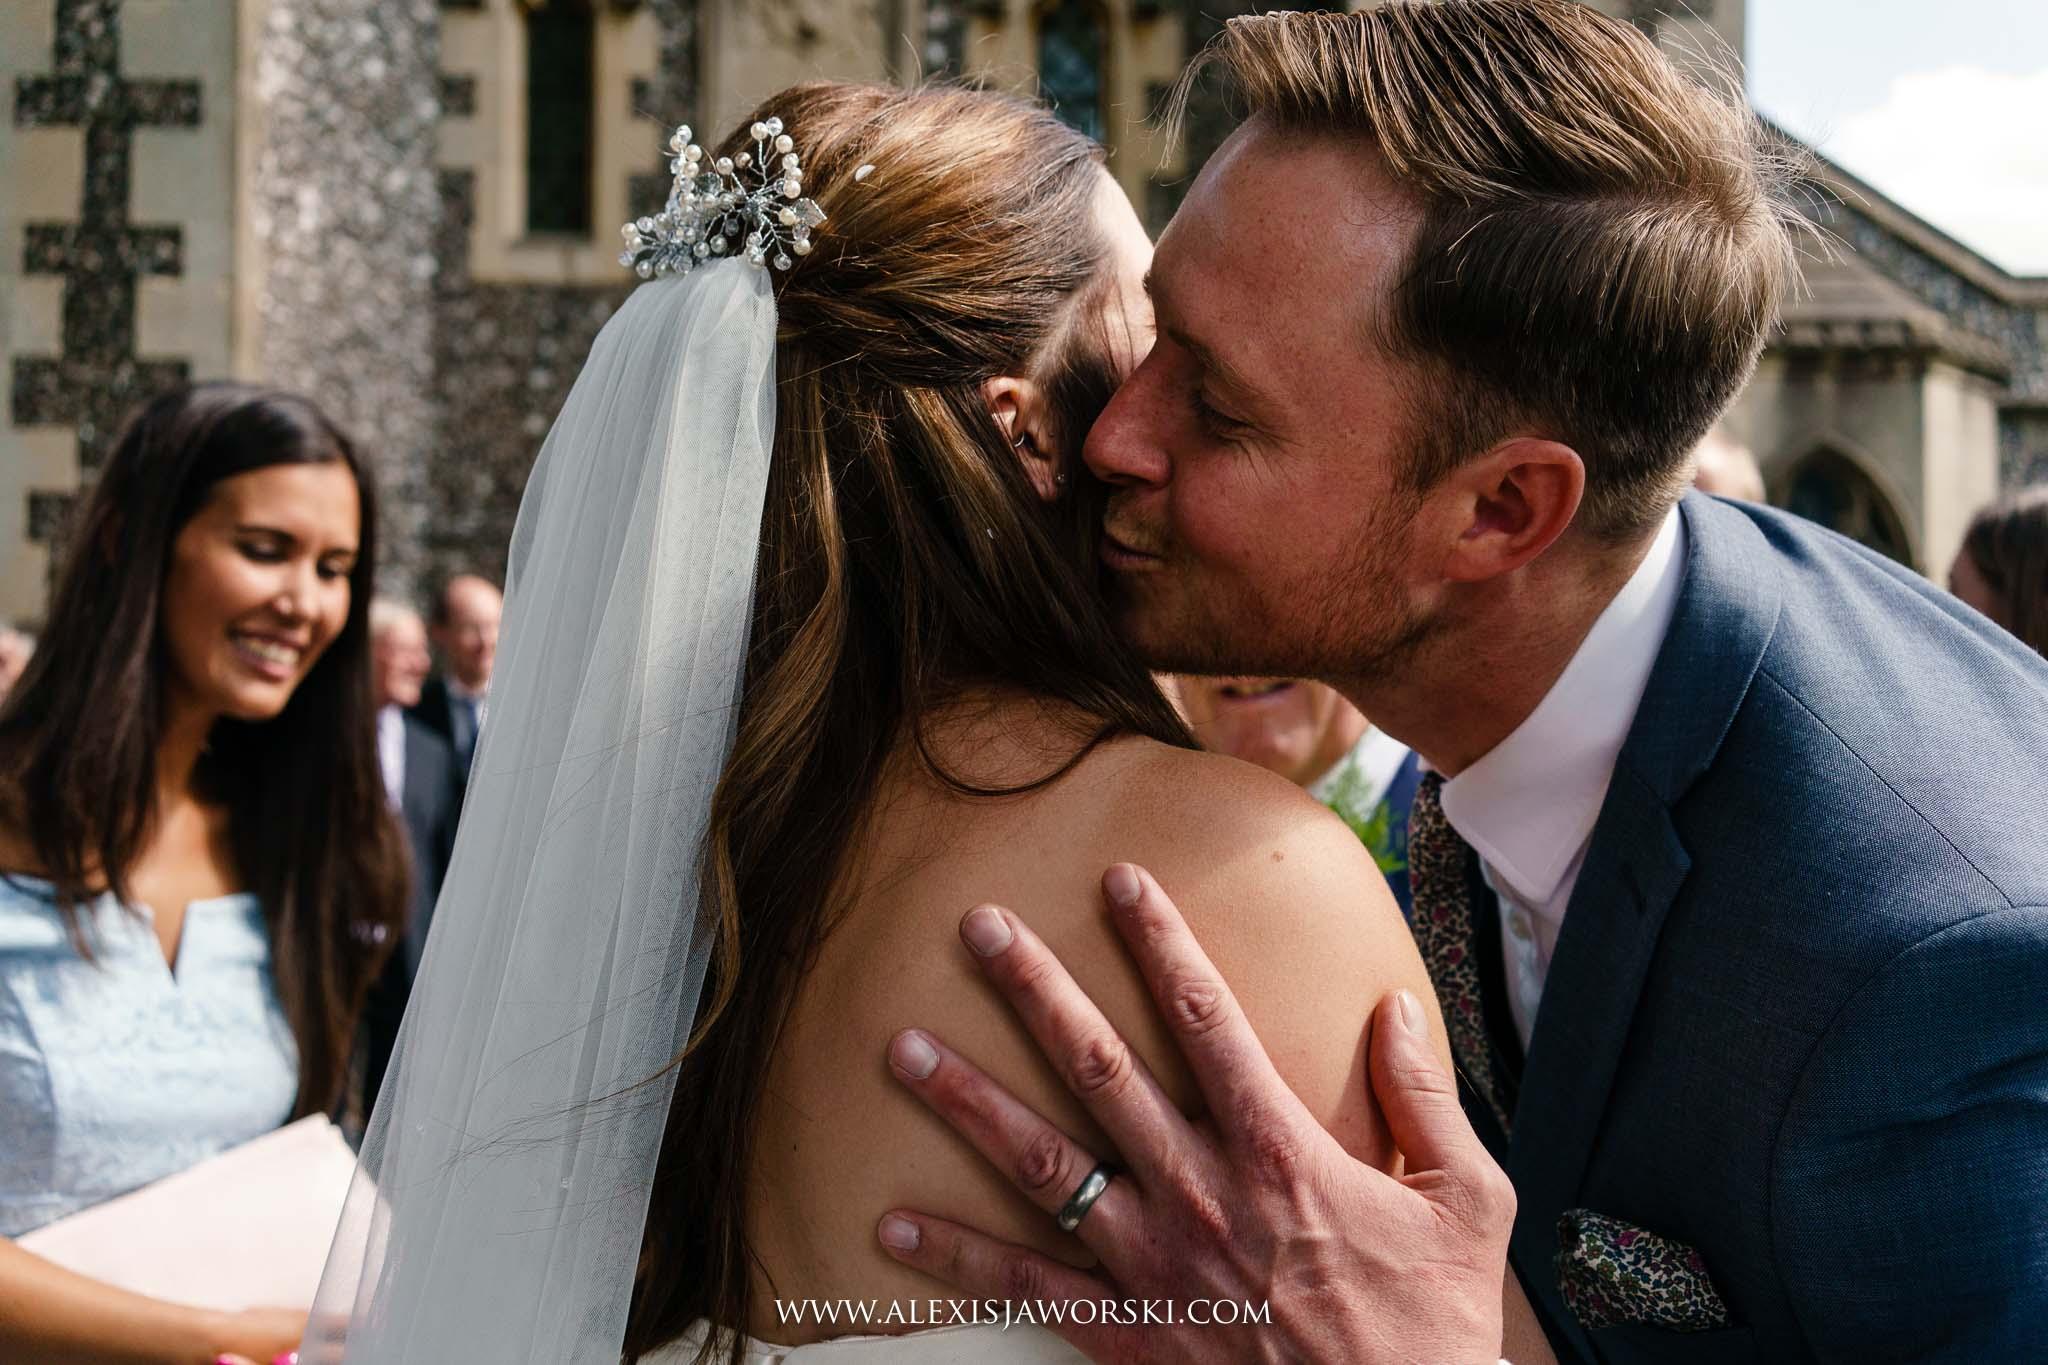 kisses and congratulations